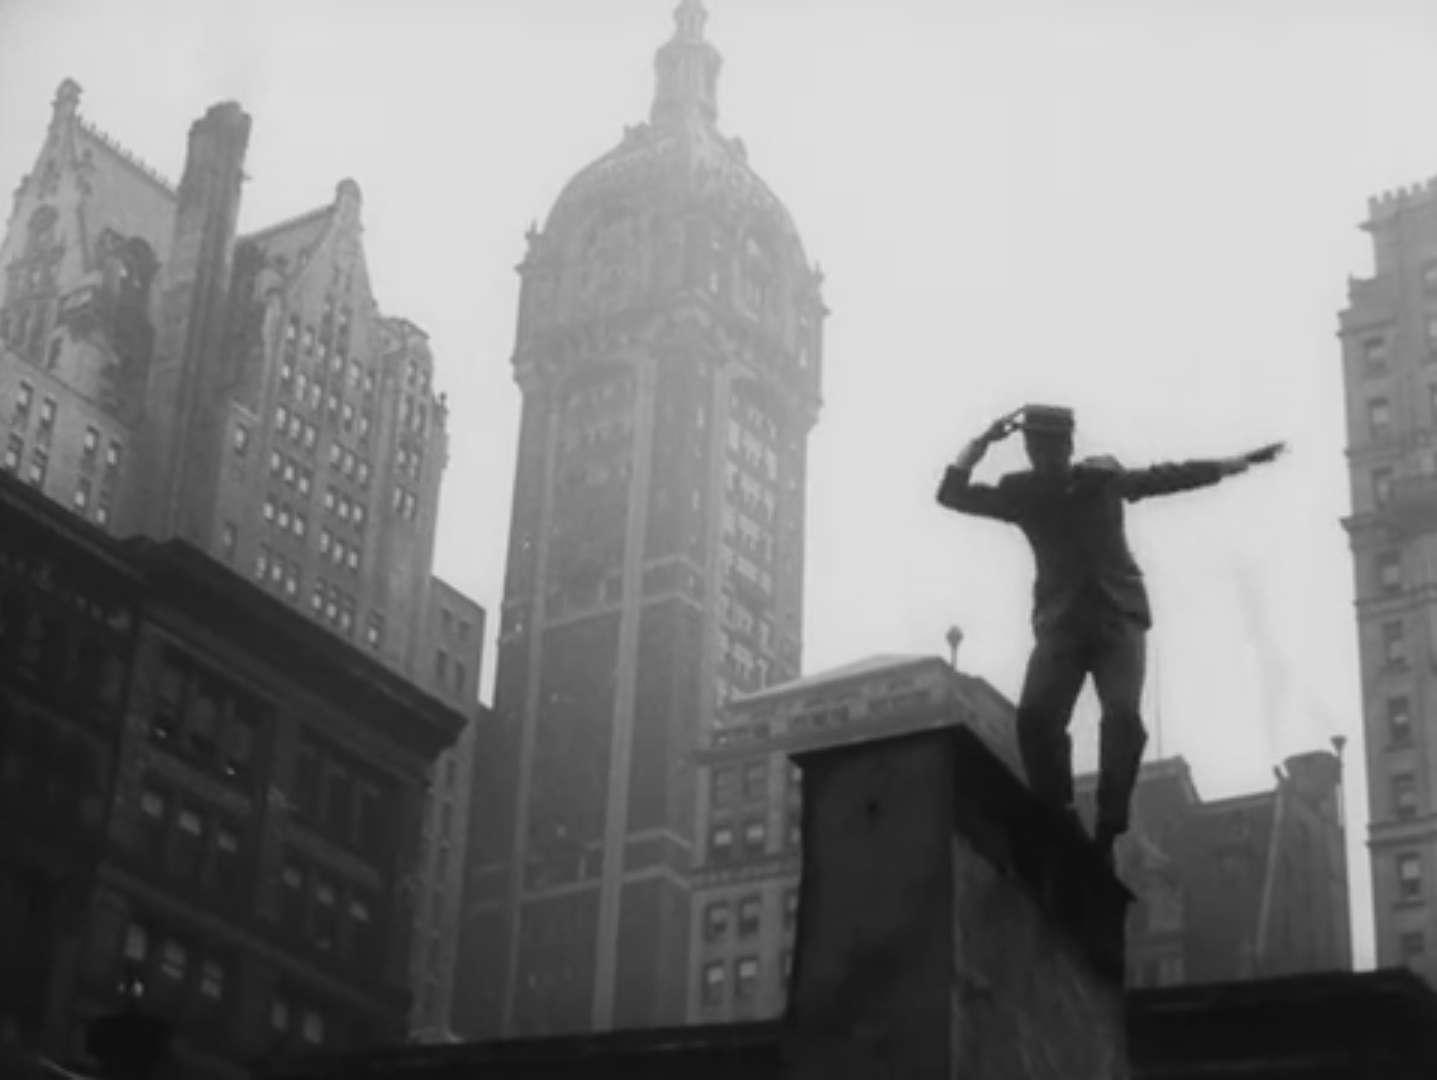 Δείτε online τις δύο πρώτες ταινίες του Orson Wells, πριν τον Πολίτη Κέιν